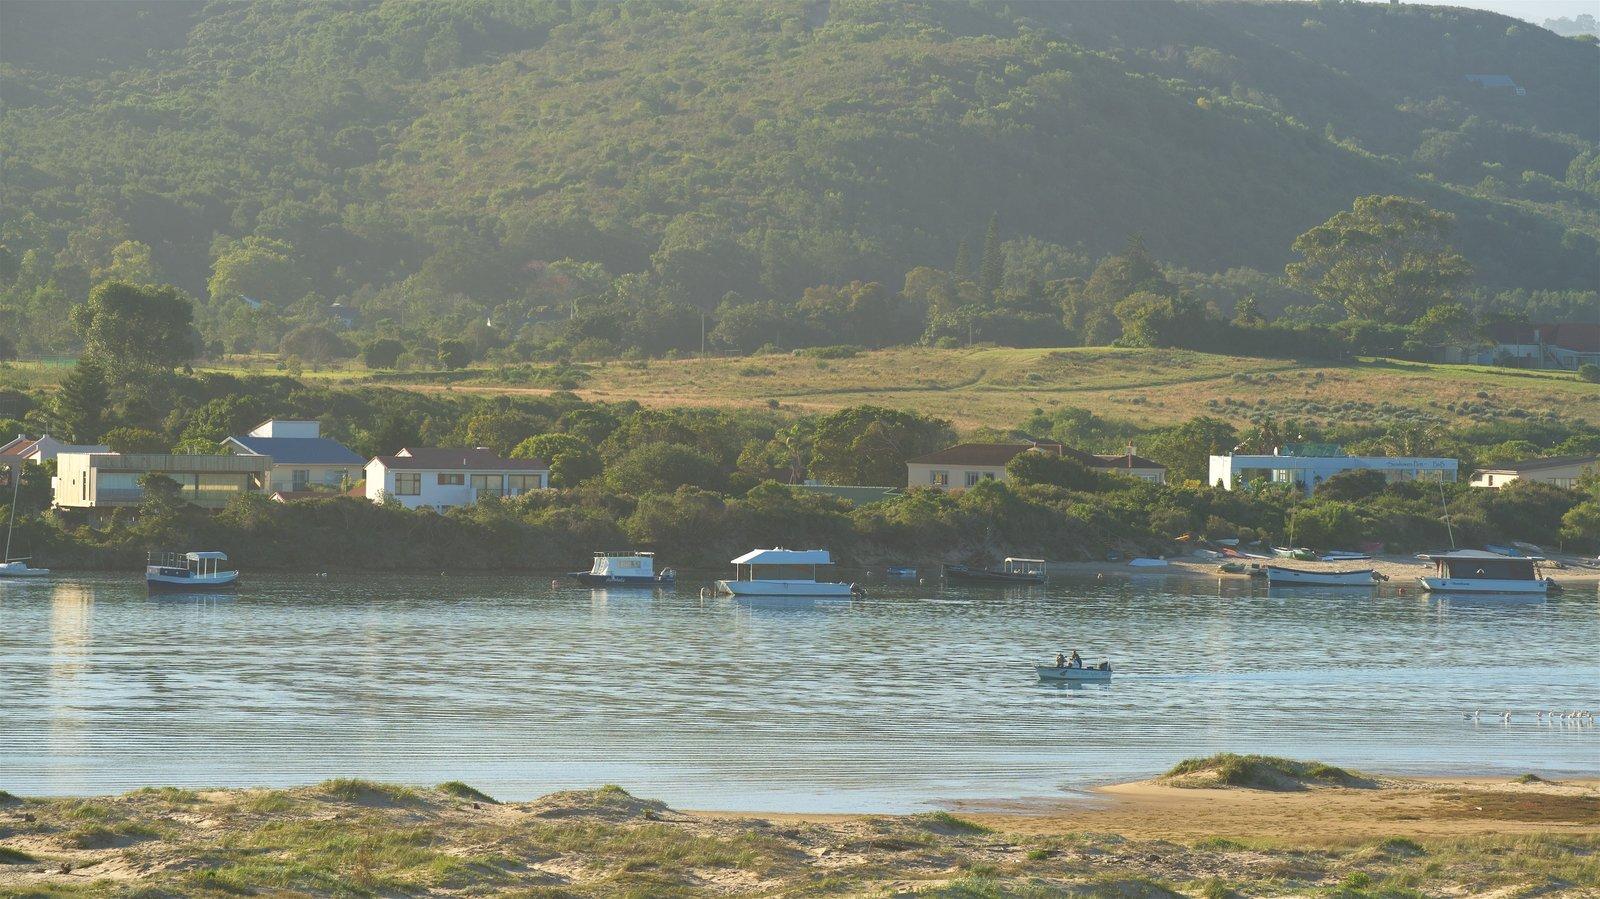 Plettenberg Bay ofreciendo un lago o abrevadero y escenas tranquilas